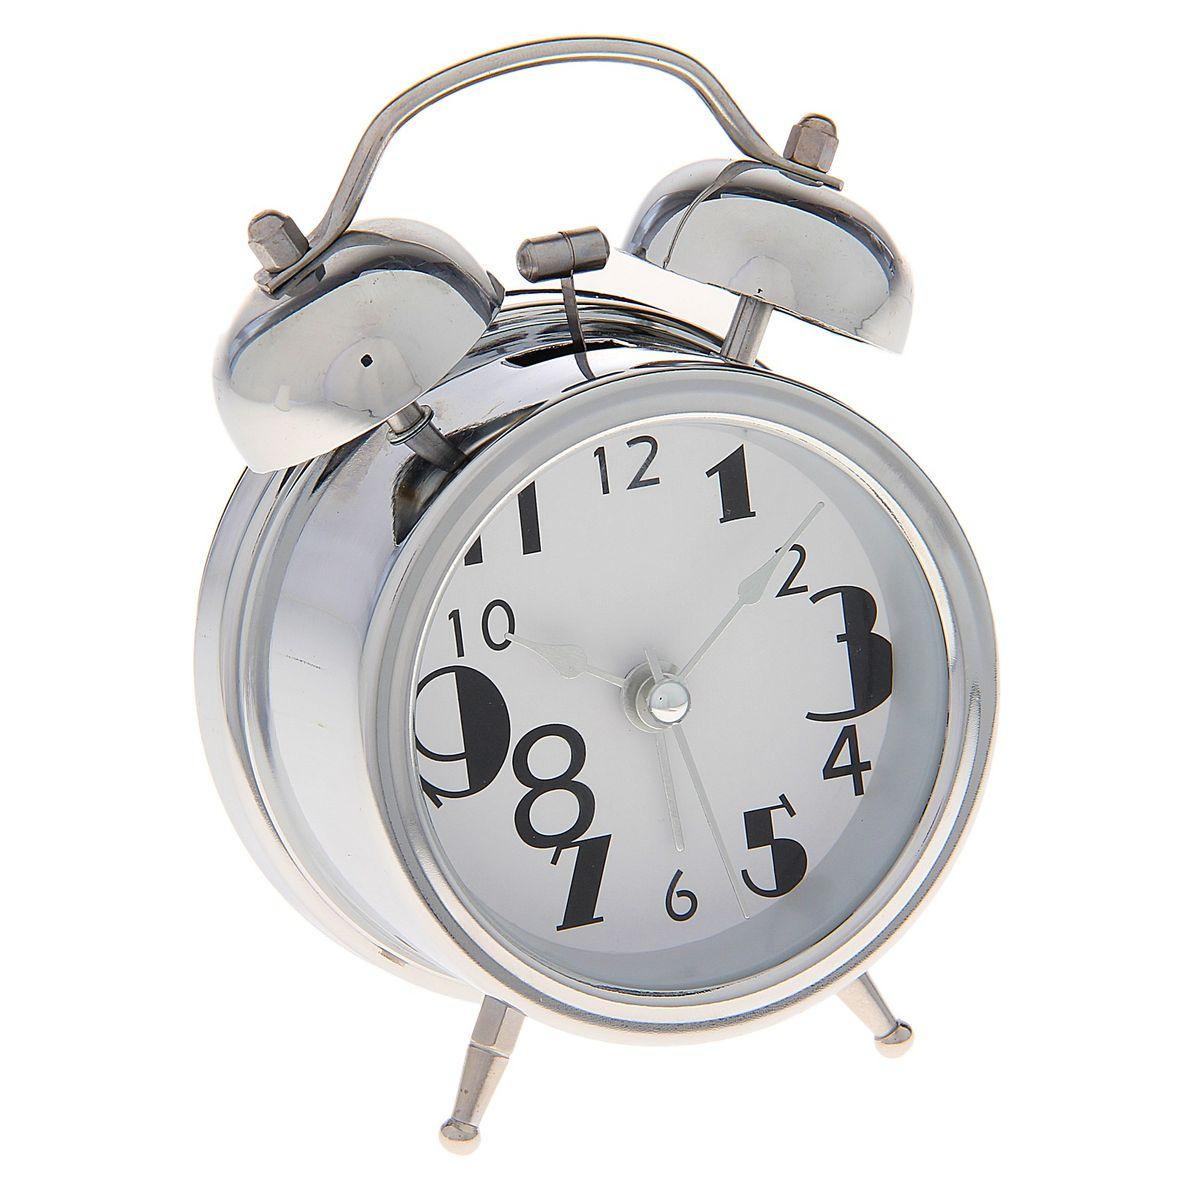 Часы-будильник Sima-land. 720815VT-6606(BK)Как же сложно иногда вставать вовремя! Всегда так хочется поспать еще хотя бы 5 минут и бывает, что мы просыпаем. Теперь этого не случится! Яркий, оригинальный будильник Sima-land поможет вам всегда вставать в нужное время и успевать везде и всюду. Время показывает точно и будит в установленный час. Будильник украсит вашу комнату и приведет в восхищение друзей. На задней панели будильника расположены переключатель включения/выключения механизма и два колесика для настройки текущего времени и времени звонка будильника. Также будильник оснащен кнопкой, при нажатии и удержании которой, подсвечивается циферблат.Будильник работает от 1 батарейки типа AA напряжением 1,5V (не входит в комплект).